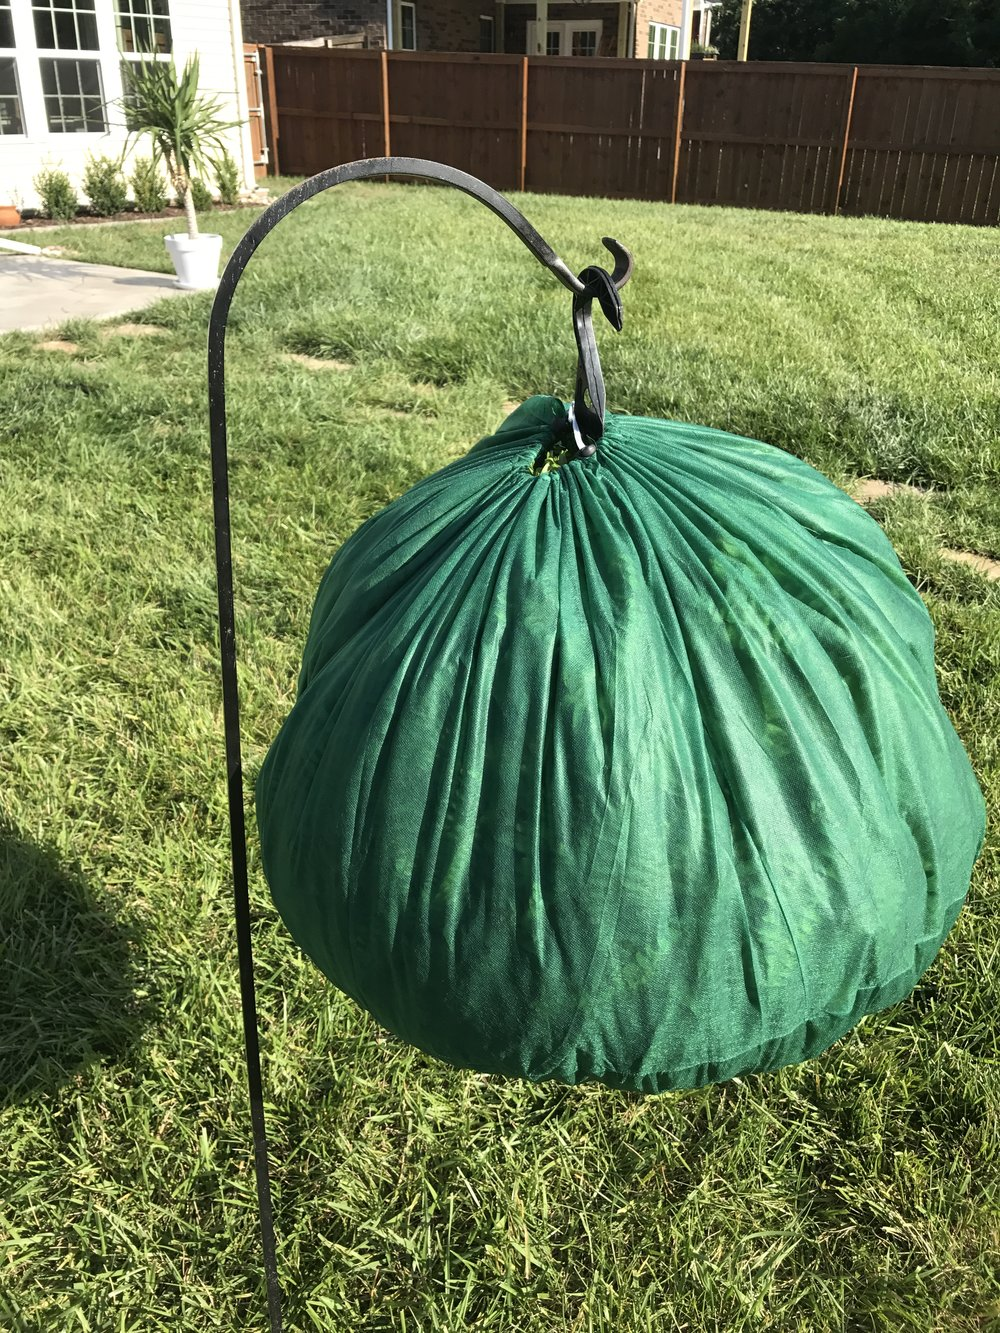 Hanging Bag 3.JPG